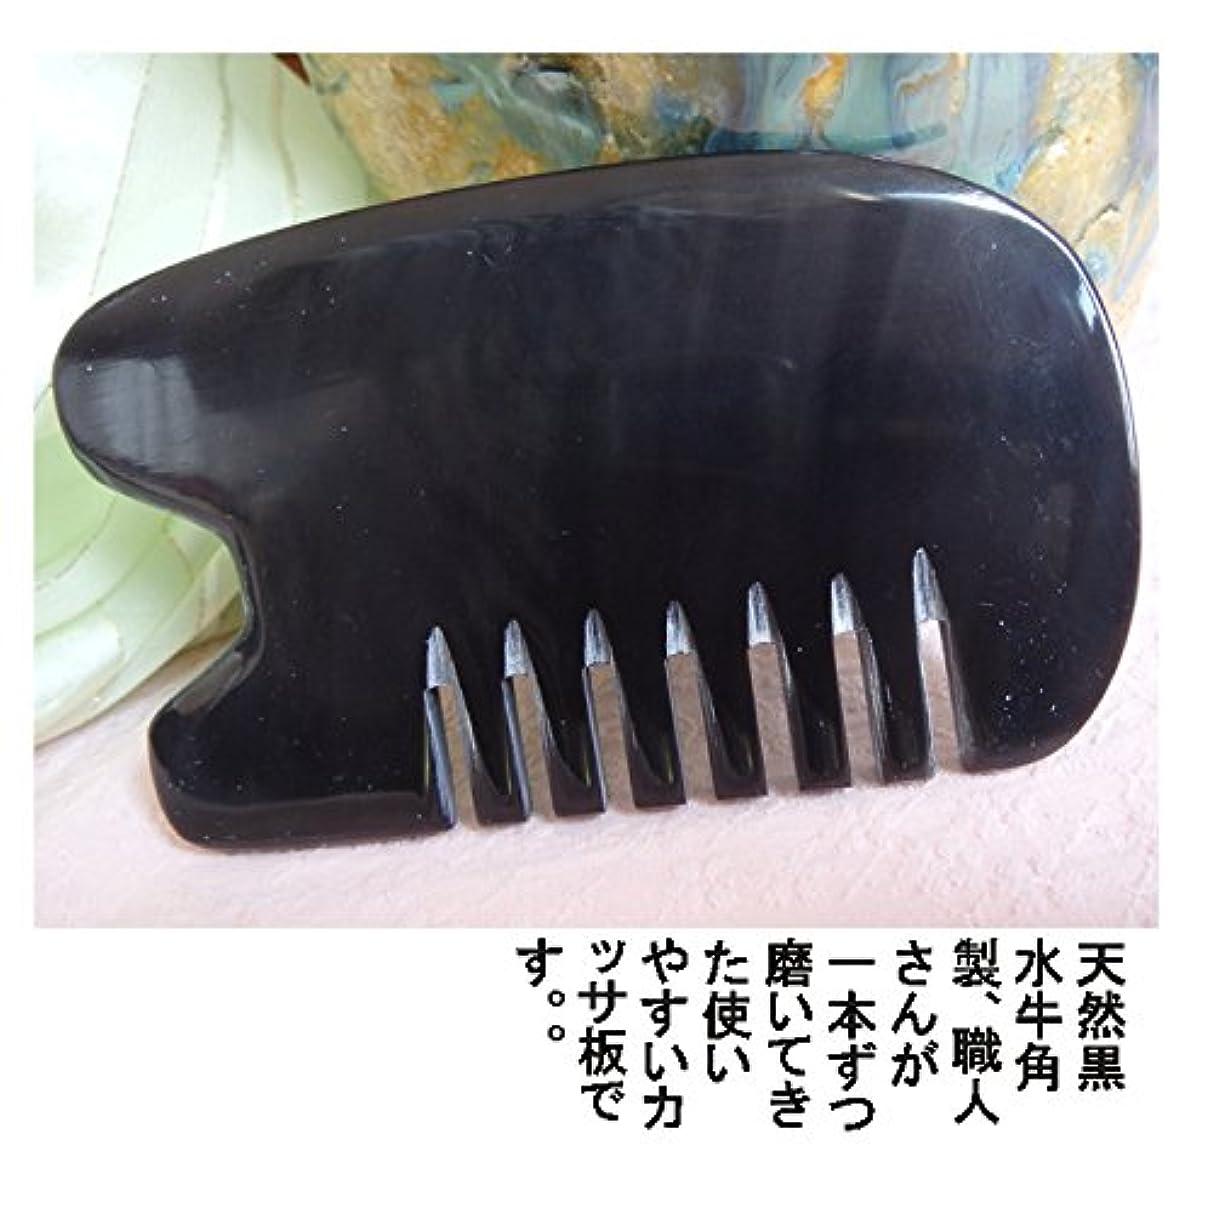 セントリストスーパーマーケットかっさ板、美容、刮莎板、グアシャ板,水牛角製